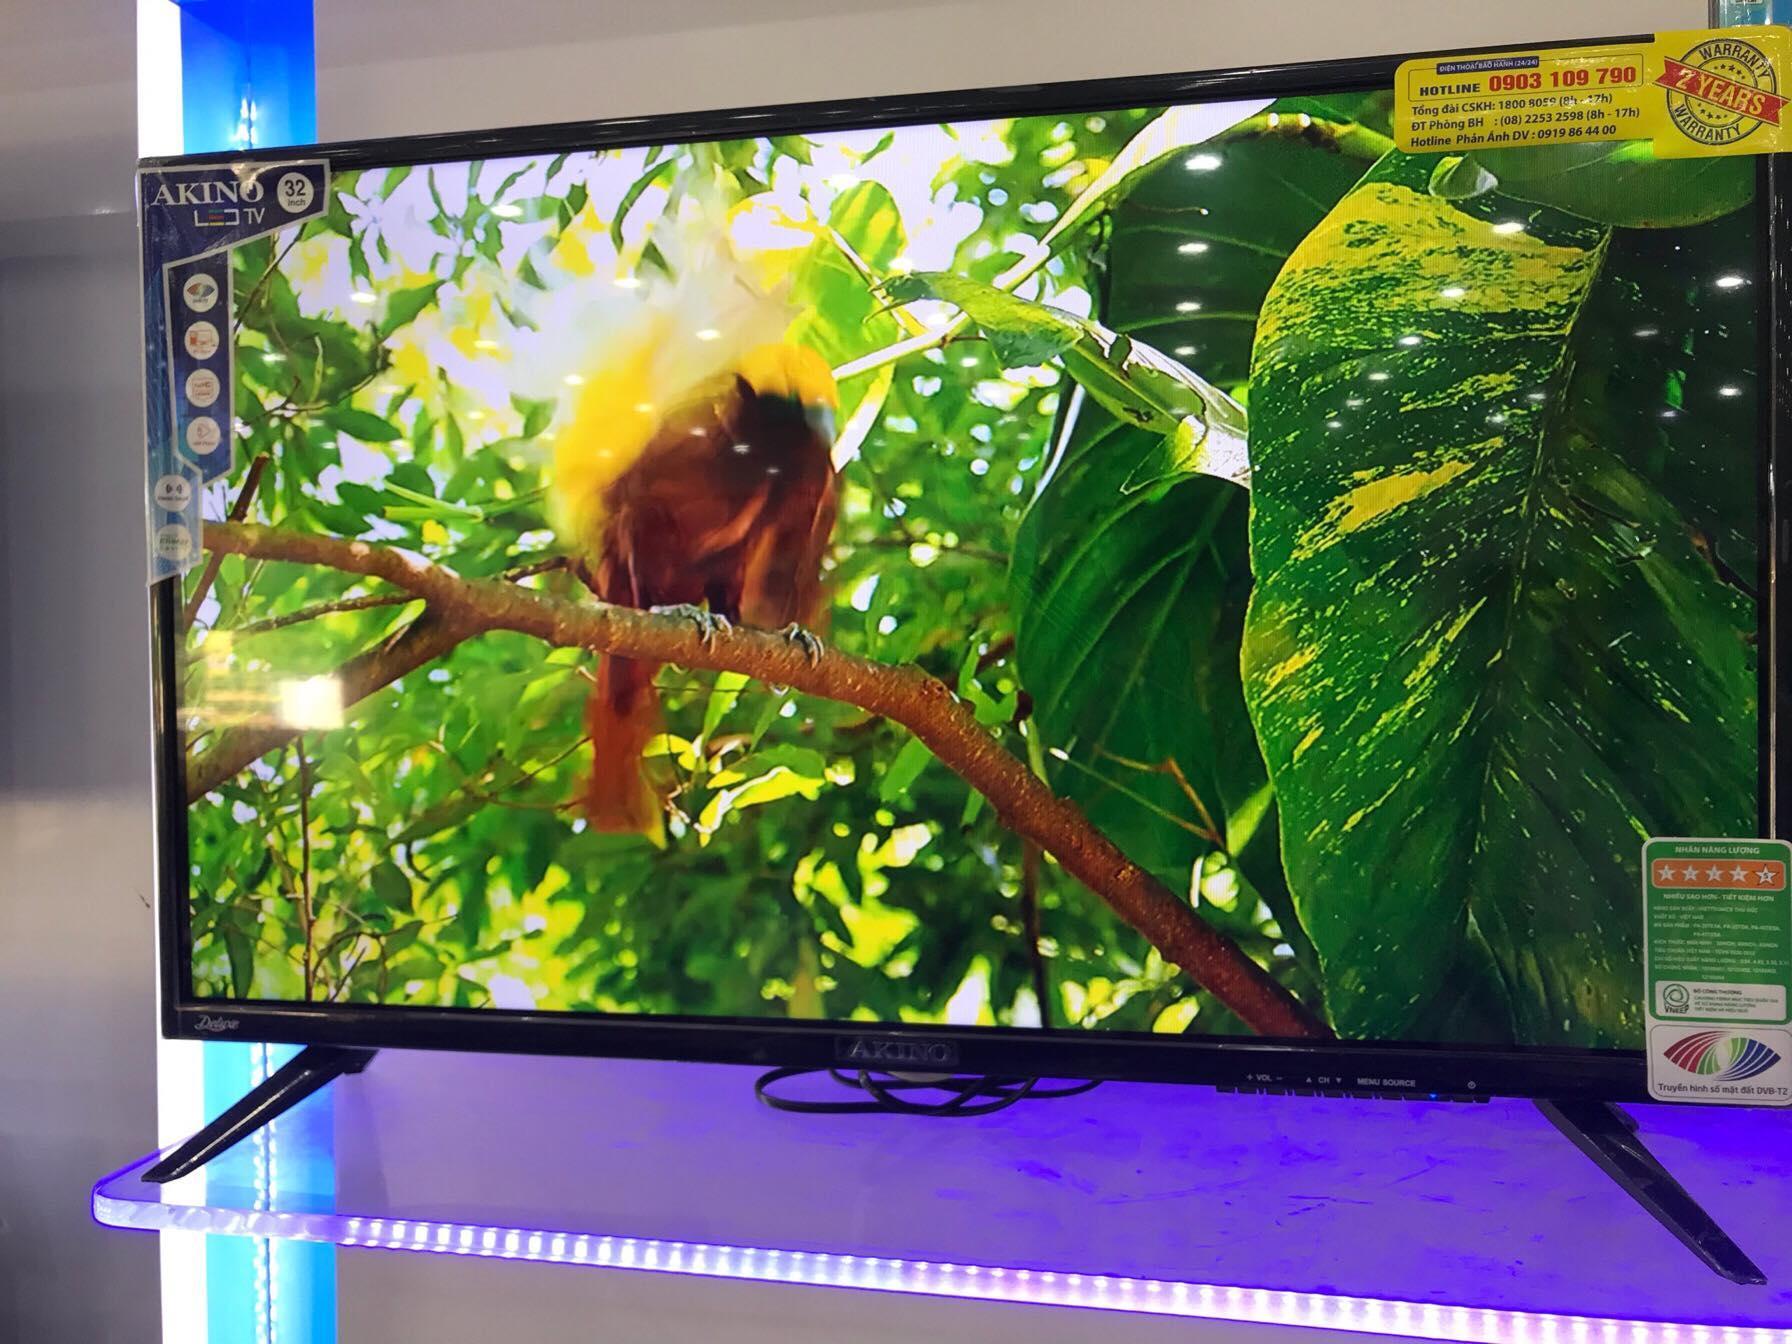 Hình ảnh Tivi Led Akino 32 inch HD - Model PA-32TDA